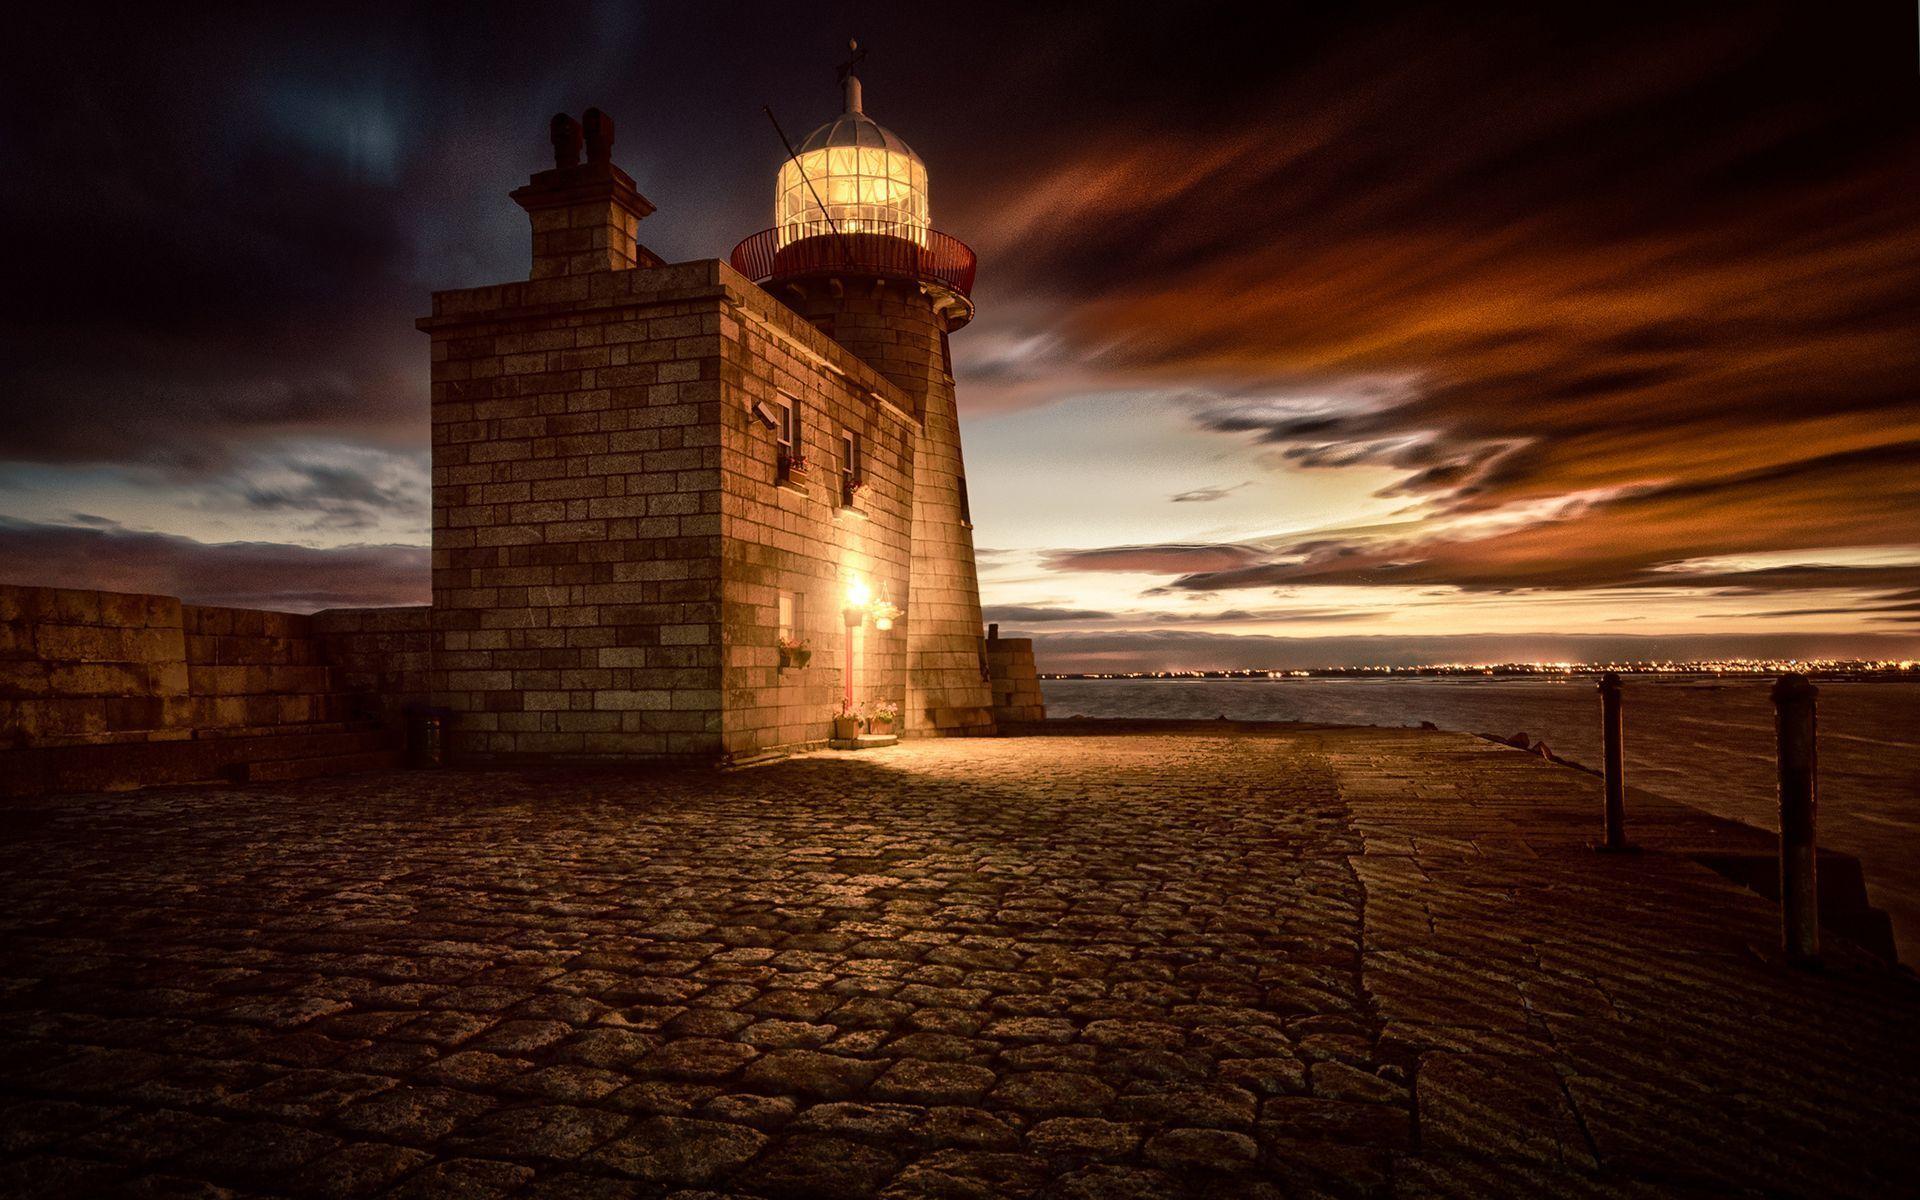 lighthouse desktop wallpaper 7900 - photo #14